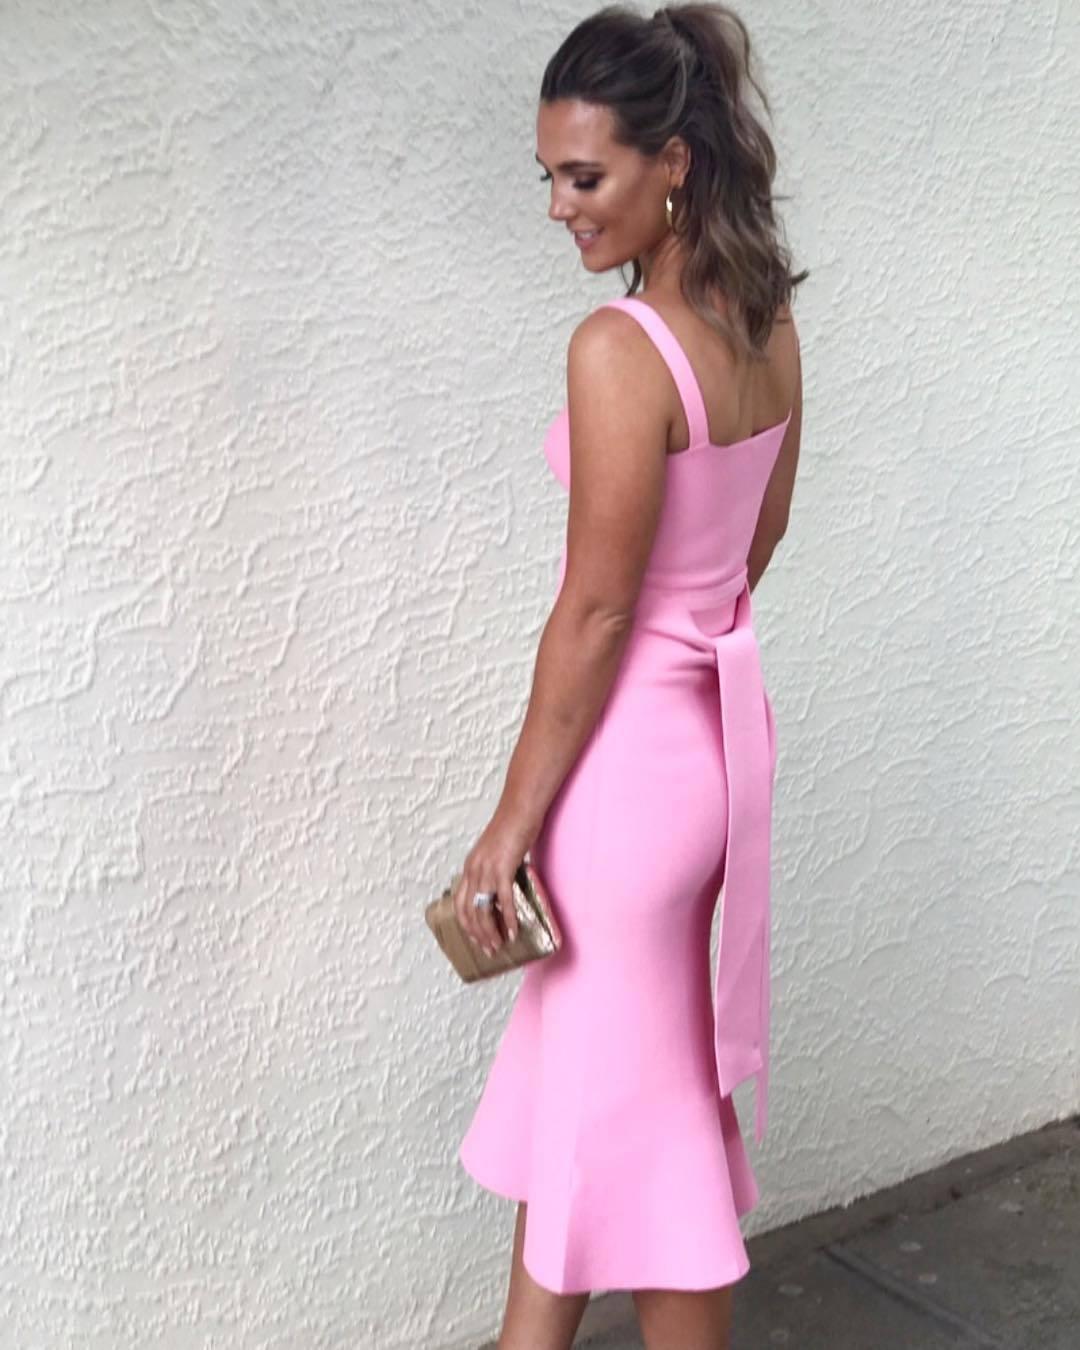 ba23cd9b6b1ff ... Crepe Knit Bralette Dress (Pink)